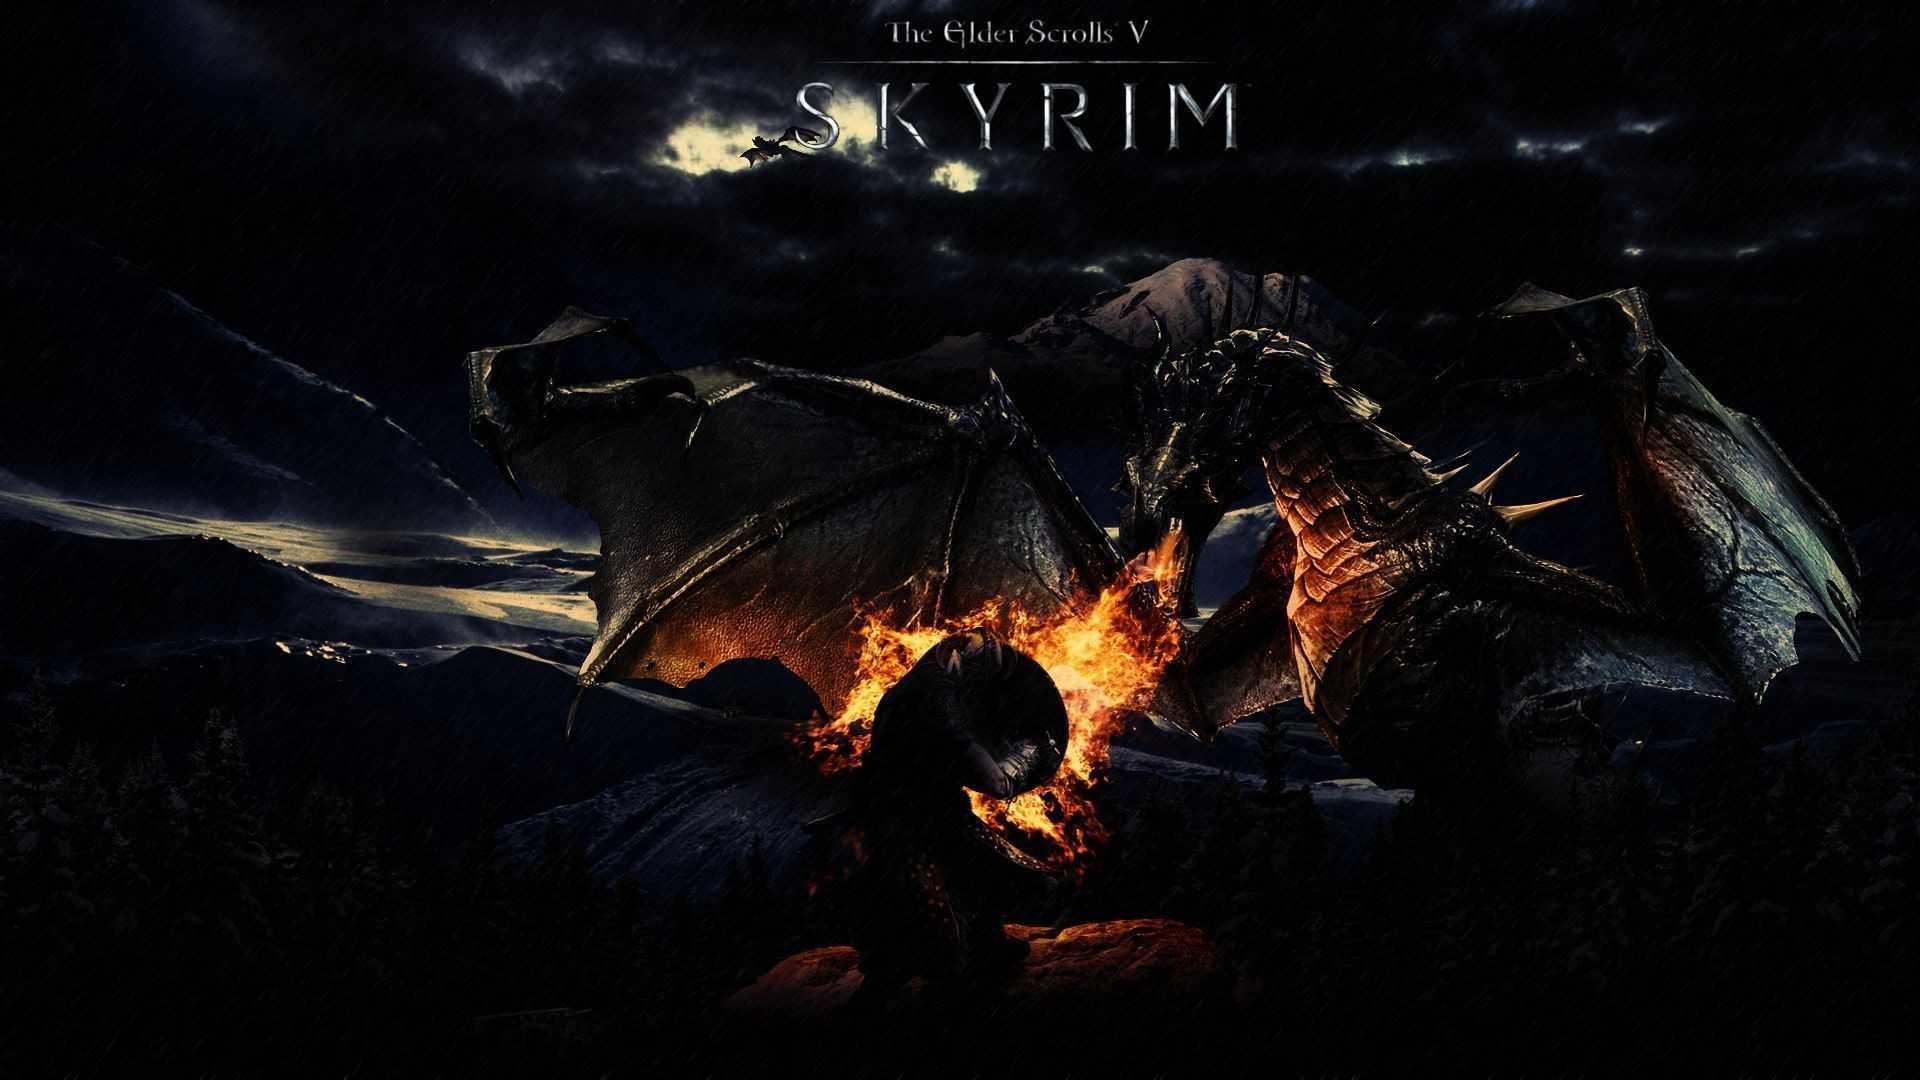 Skyrim Wallpaper Hd 159789